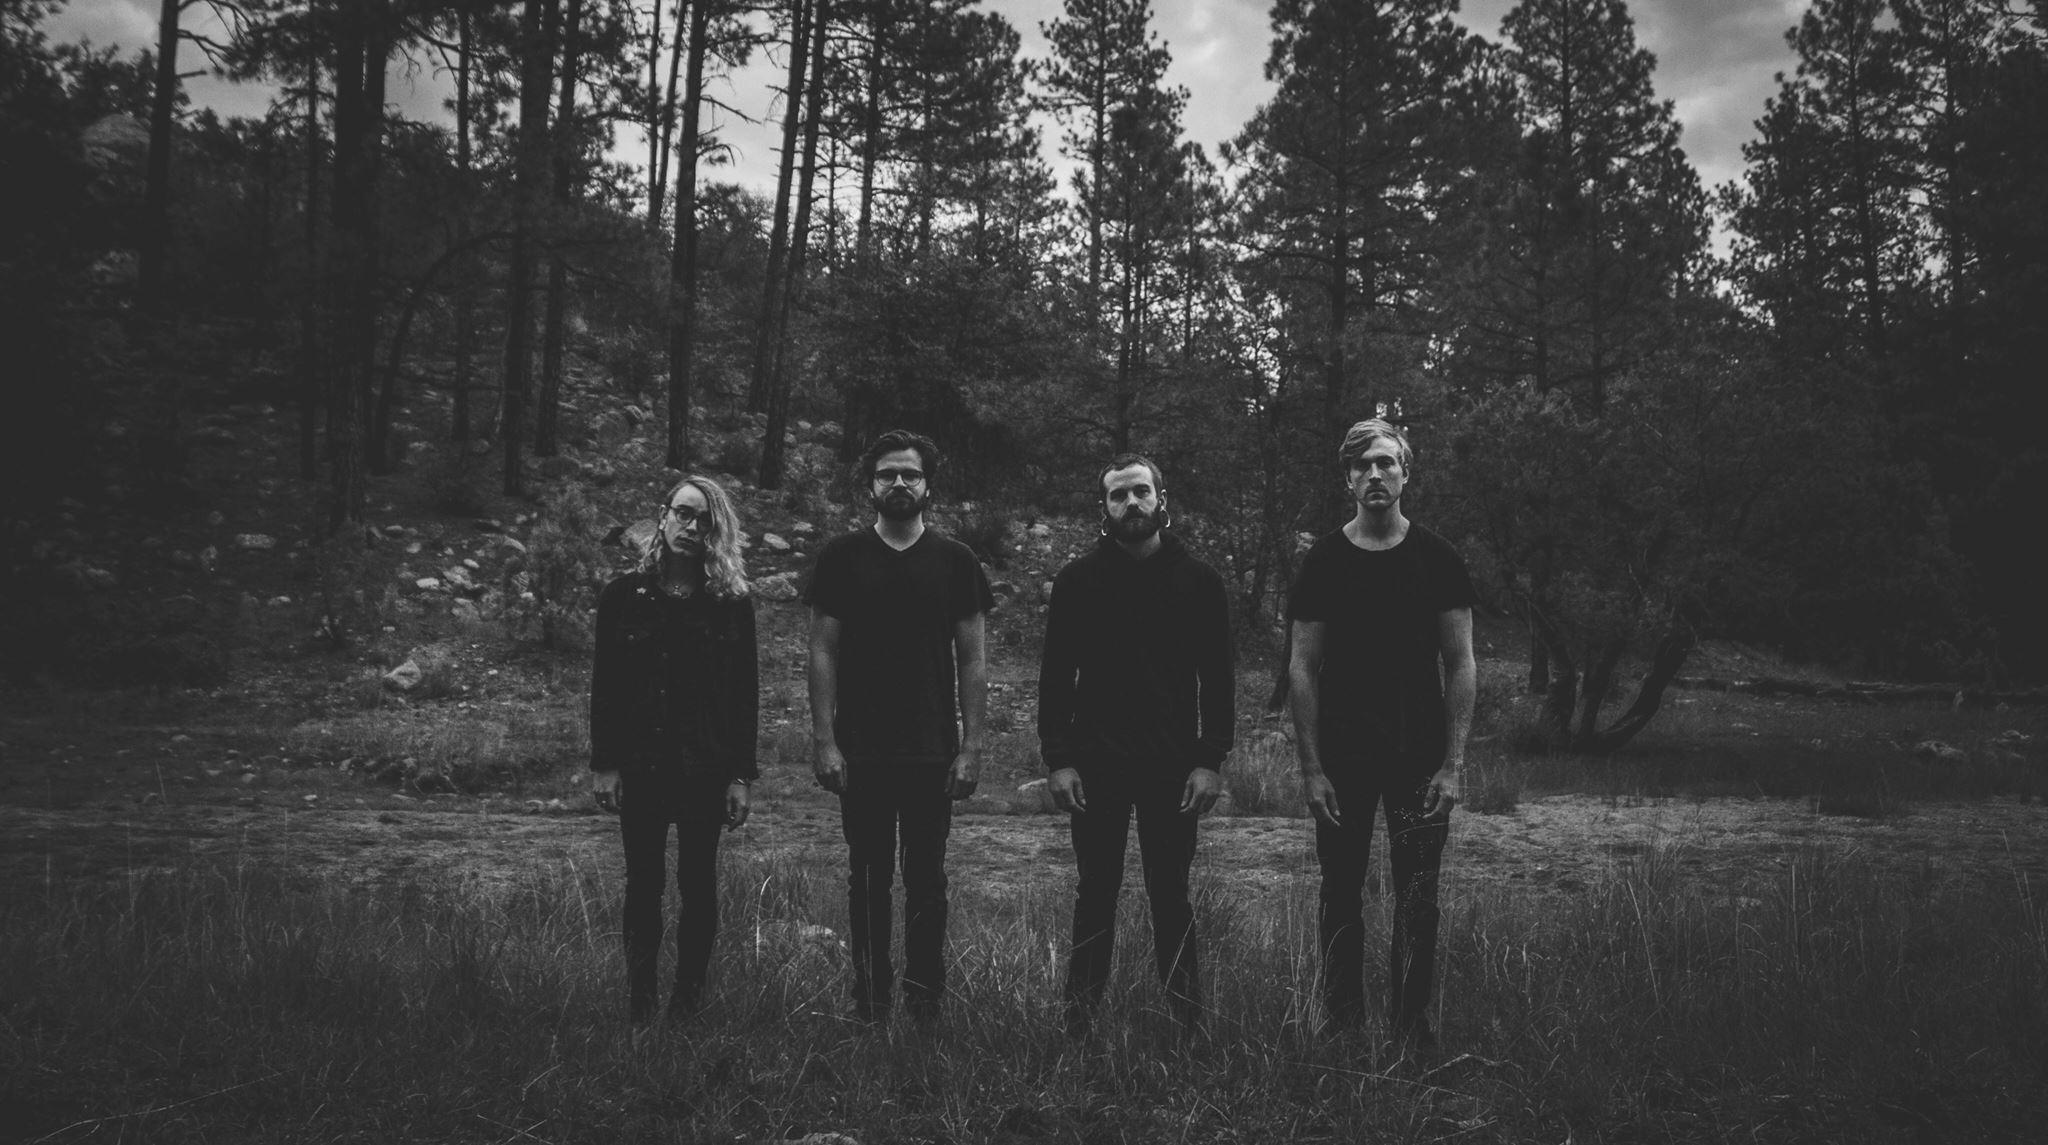 黑瞪鞋樂團 Holy Fawn 發布單曲影音 Dark Stone